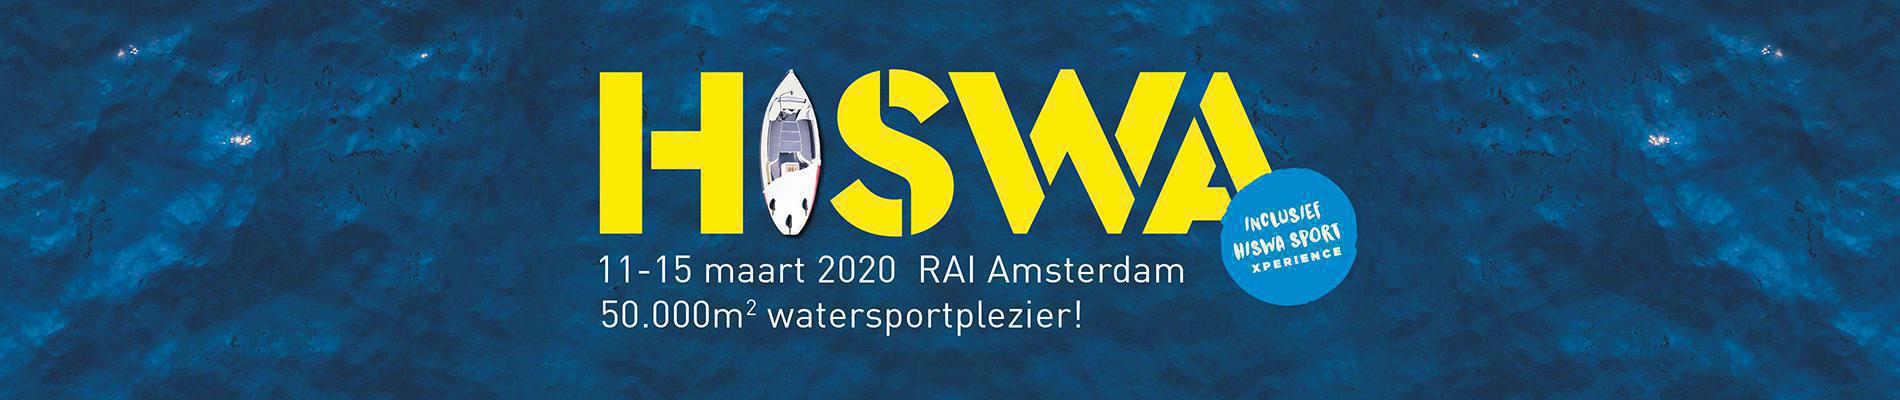 Hiswa Amsterdam Boat Show 2020